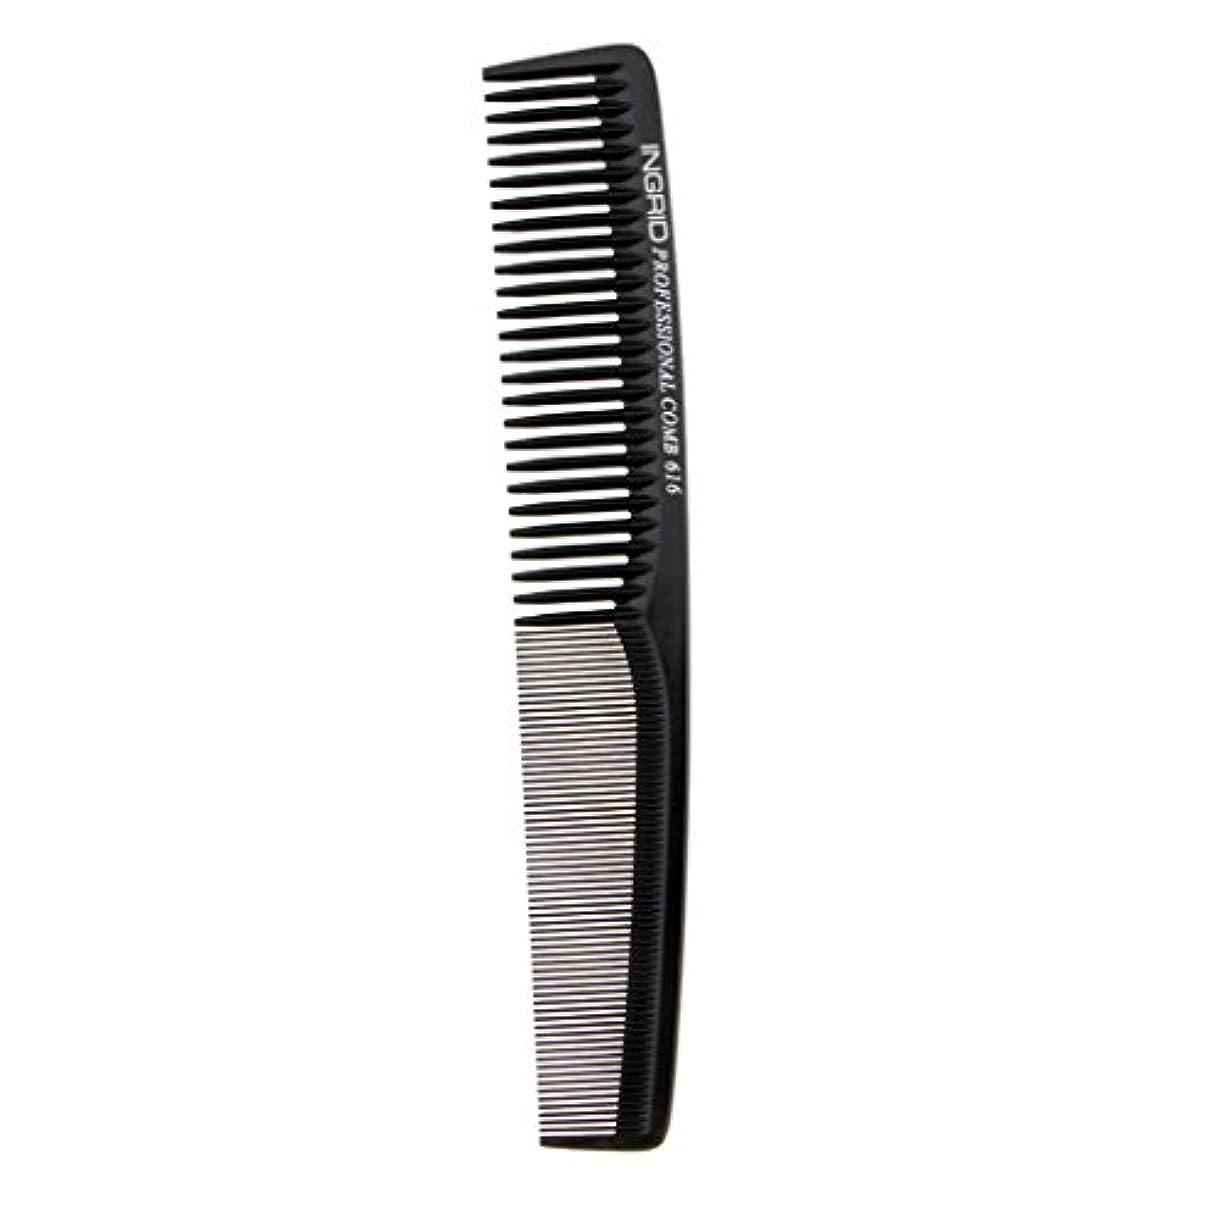 ラボ枯渇イルヘアカットコーム 櫛 コーム 理髪店 ヘアケア 便利 全5色 - ブラック